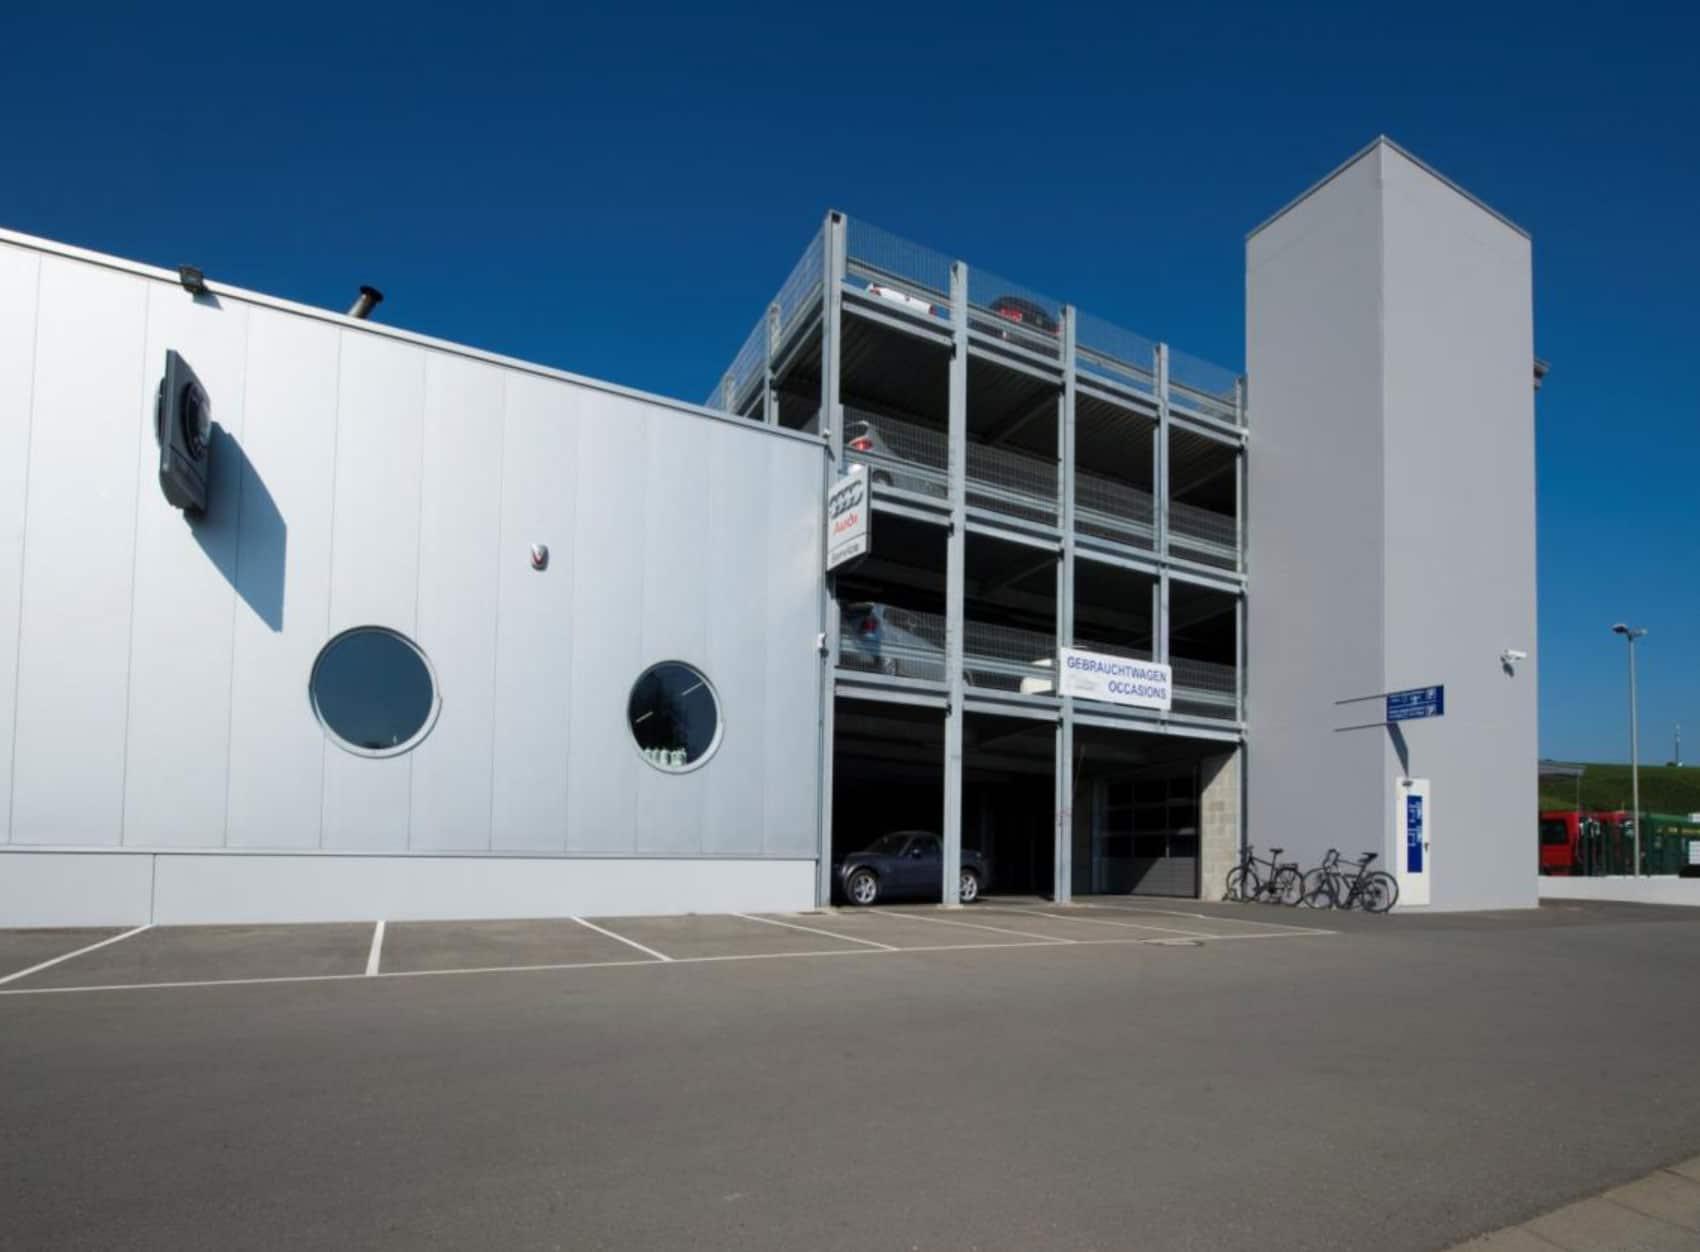 Evo-Park - Construction d'un parking multi-niveaux métallique pour le stockage des véhicules d'une concession automobile